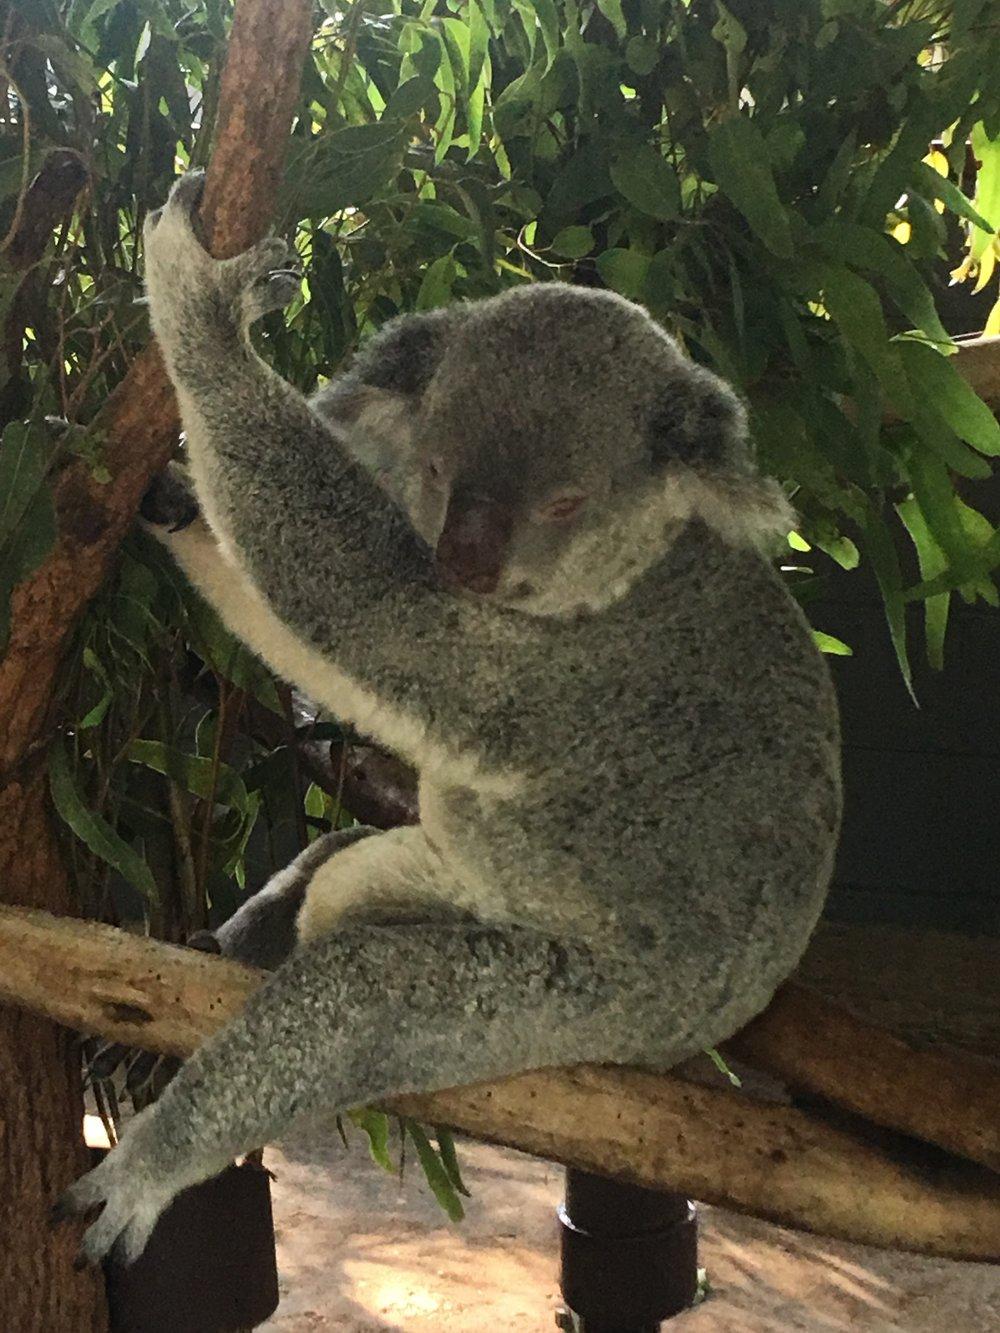 Dozy Koala